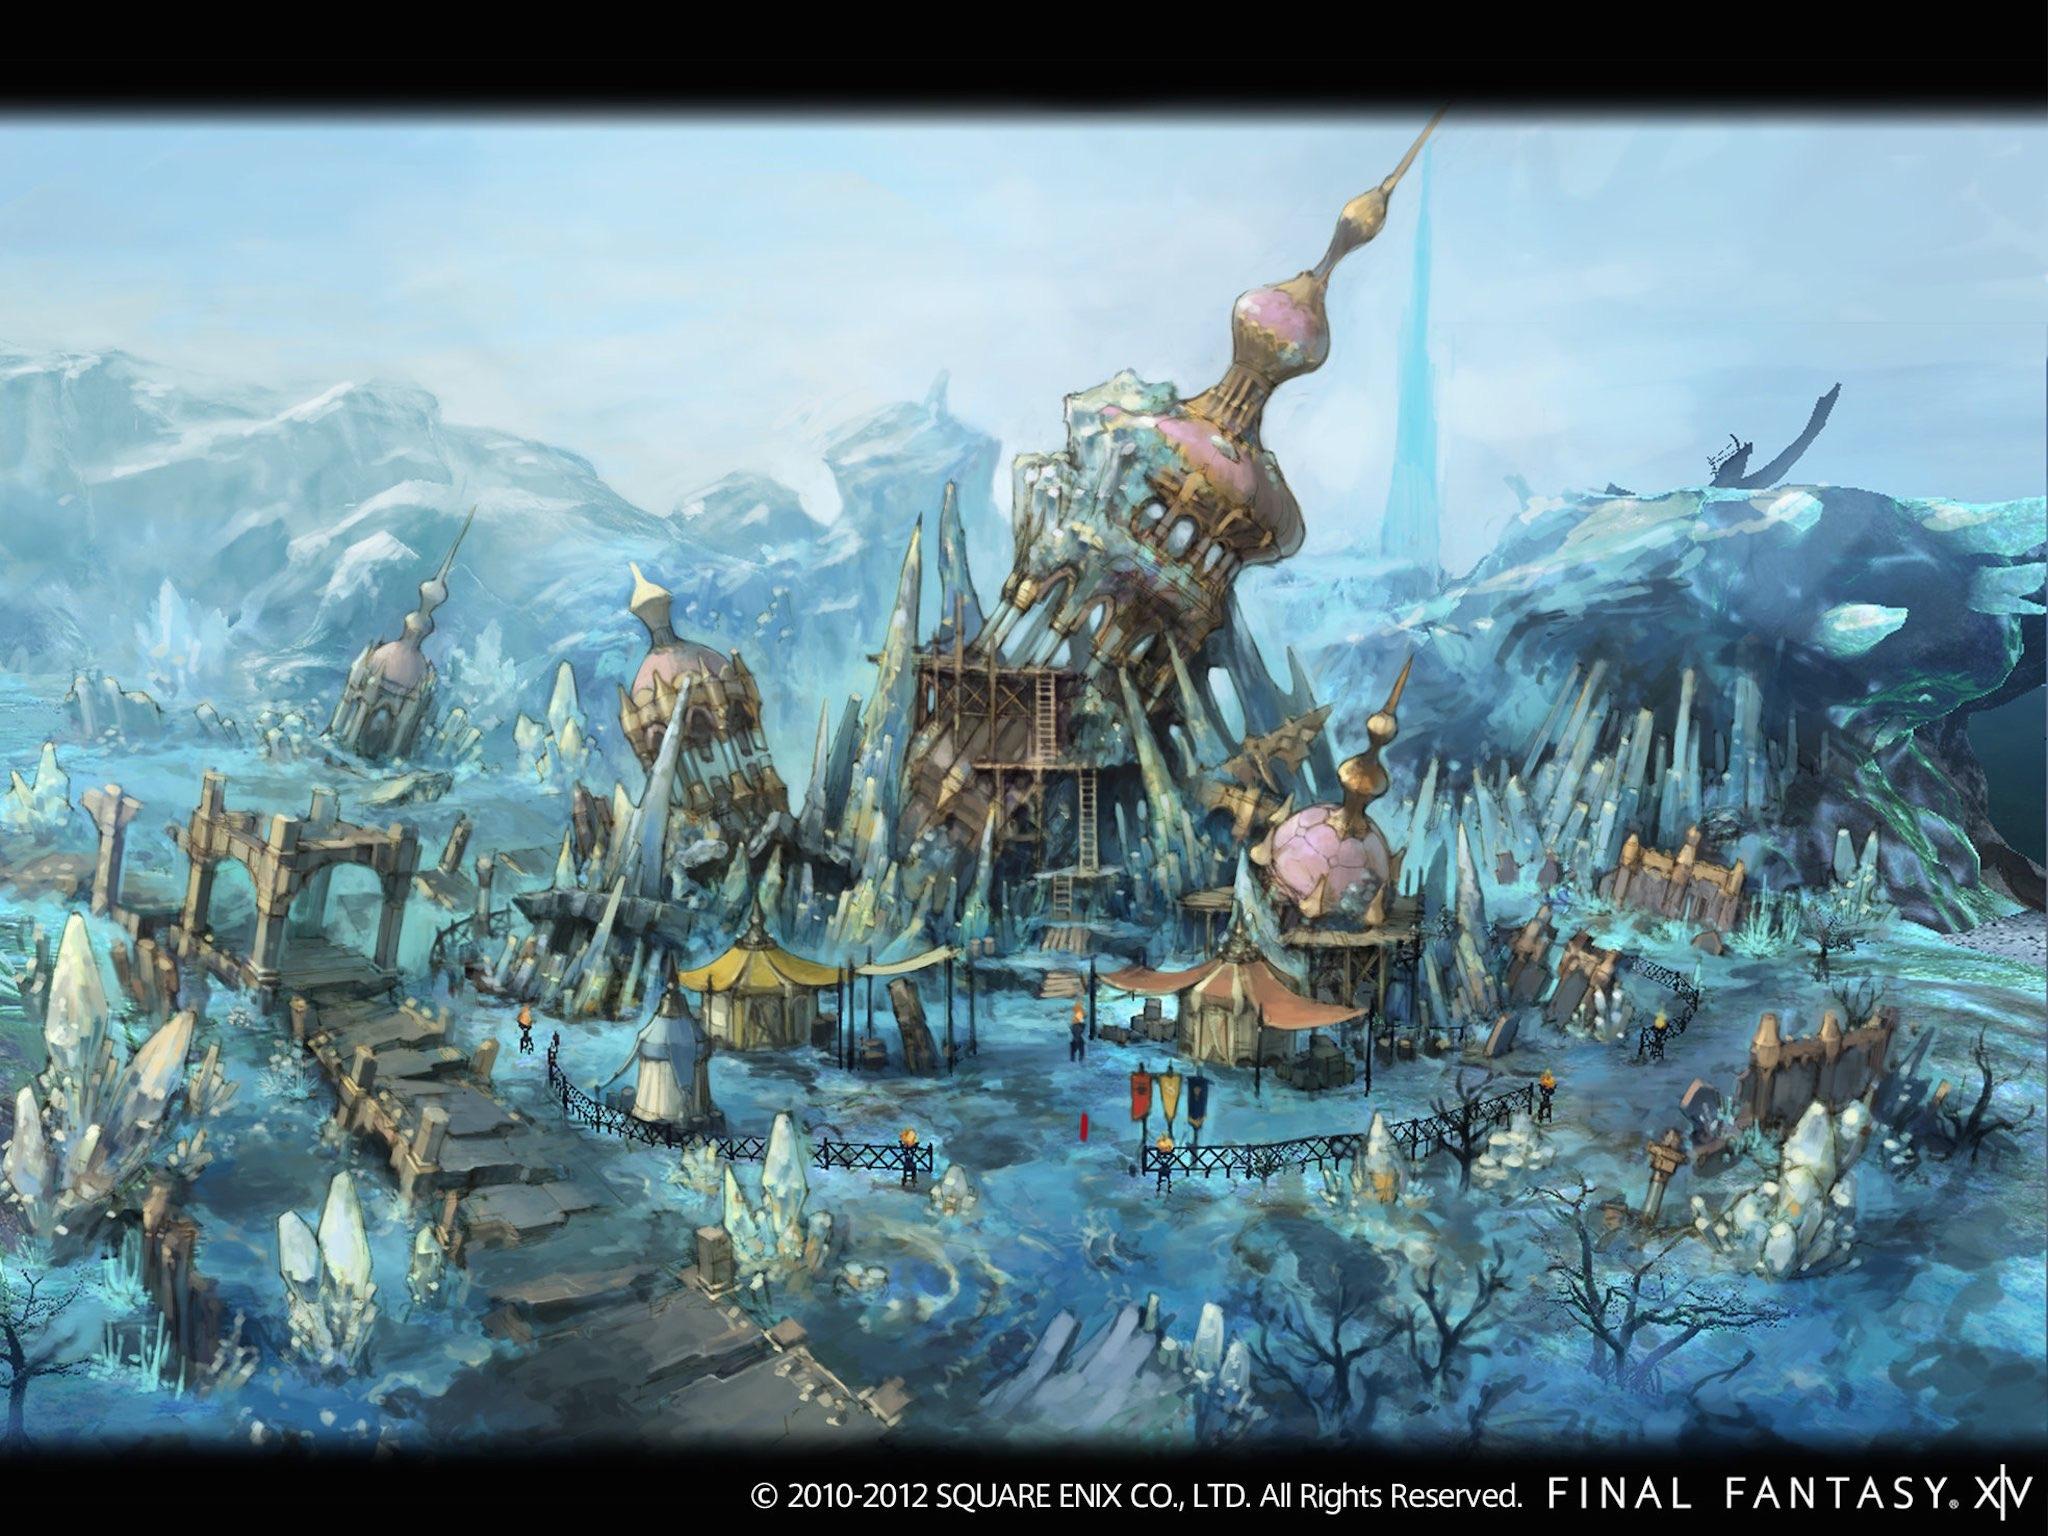 Final Fantasy Xiv A Realm Reborn Wallpaper Free Image